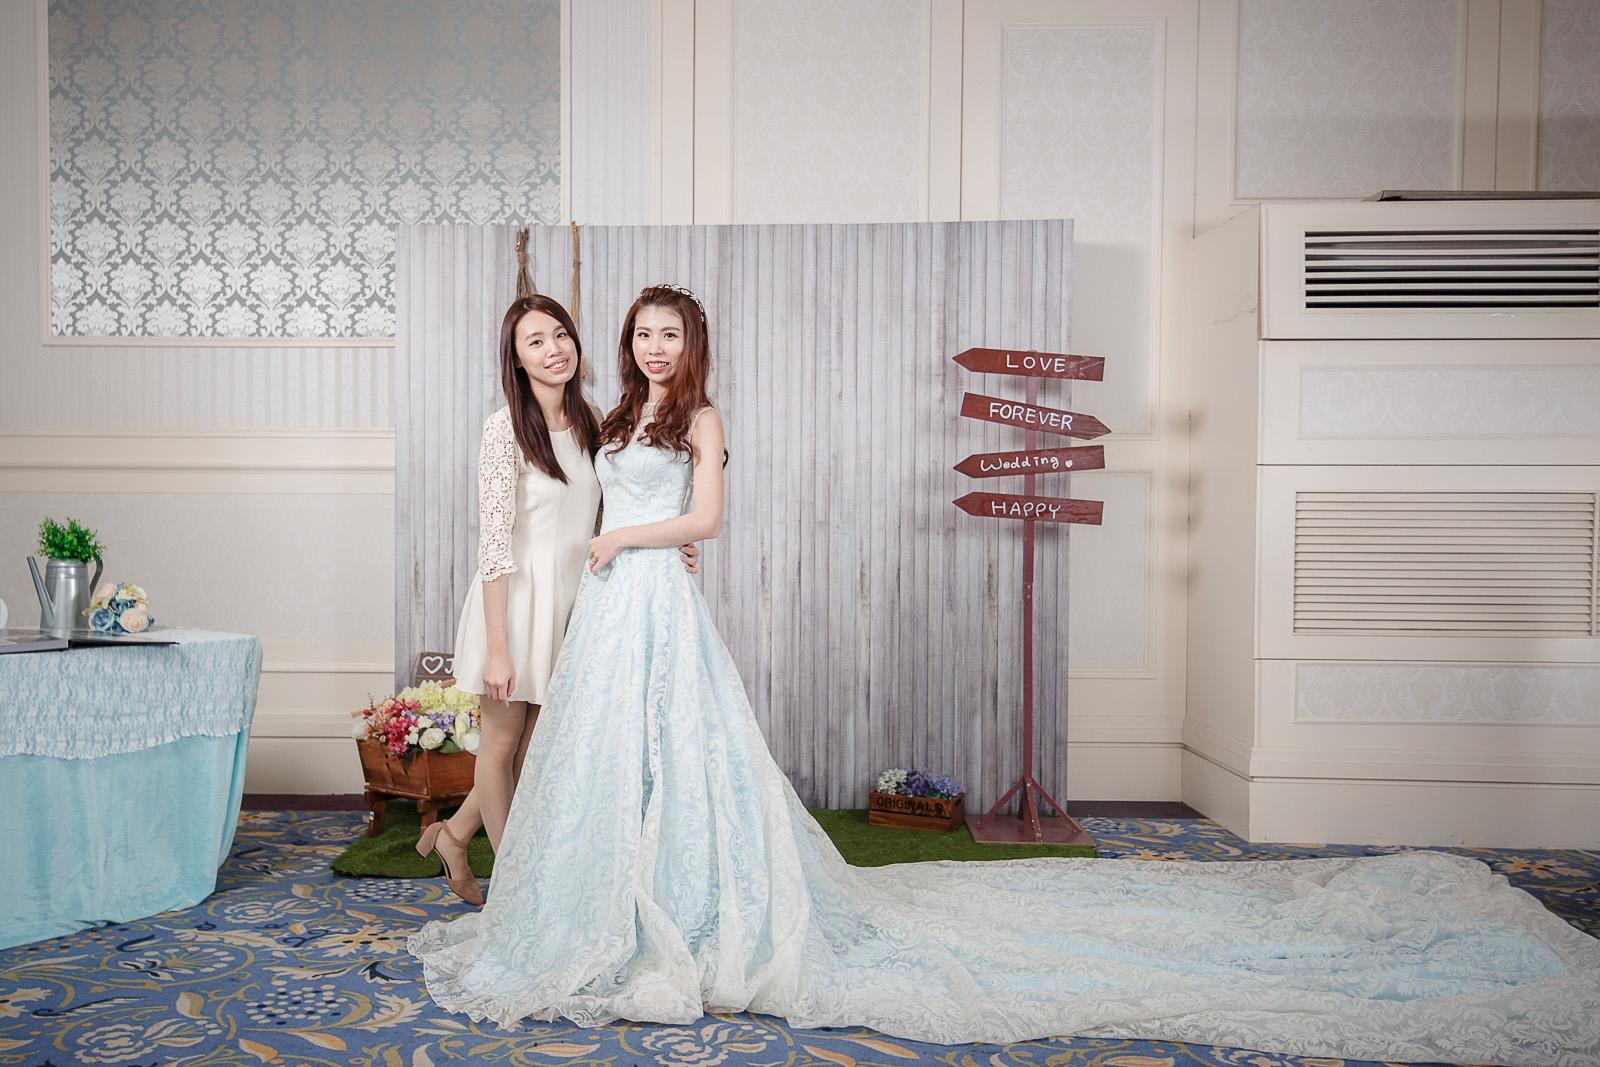 高雄圓山飯店,婚禮攝影,婚攝,高雄婚攝,優質婚攝推薦,Jen&Ethan-341